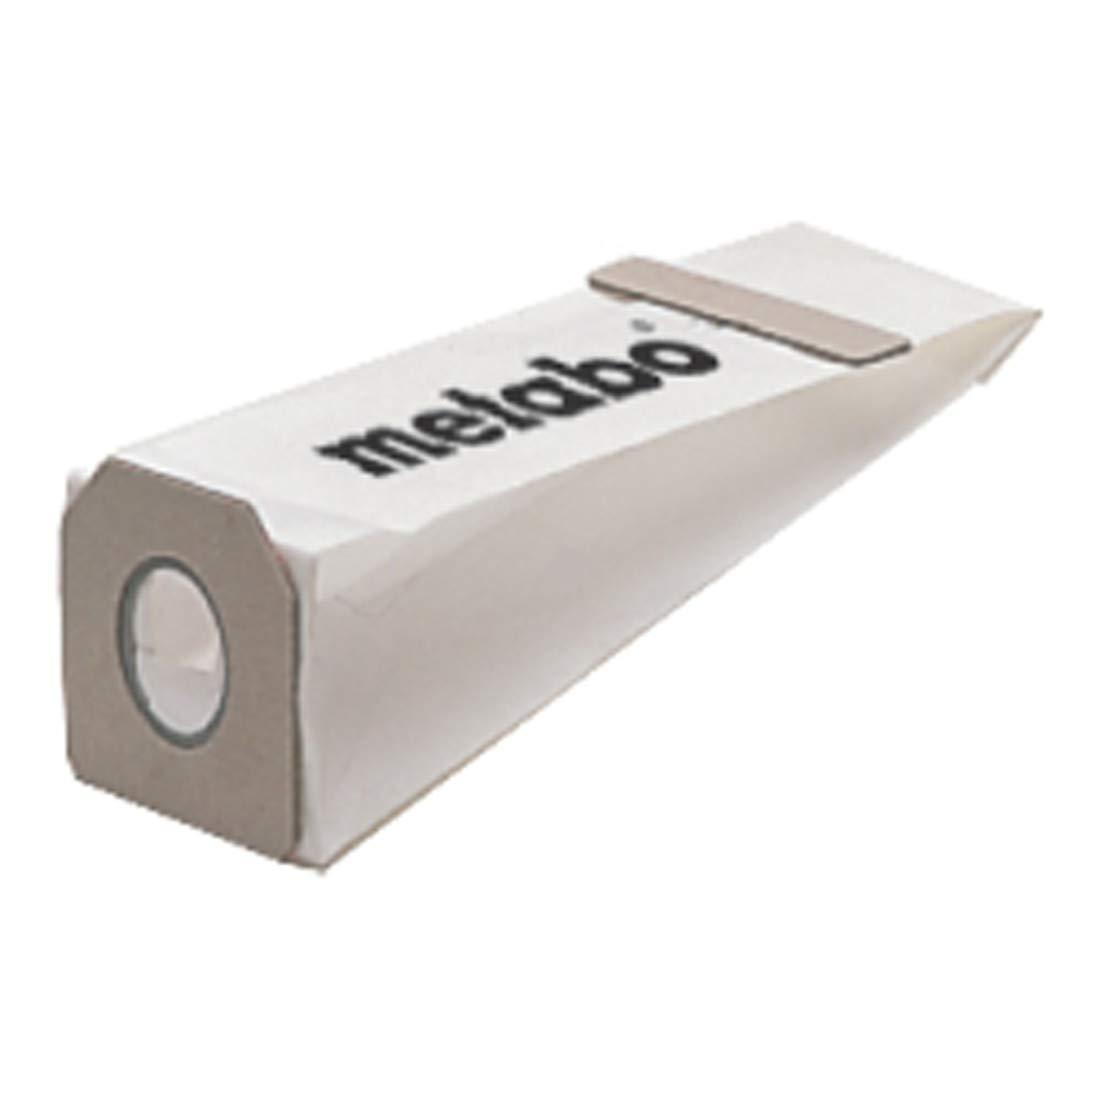 Metabo 631286000 5 Schleifstaubbeutel Metabowerke GmbH